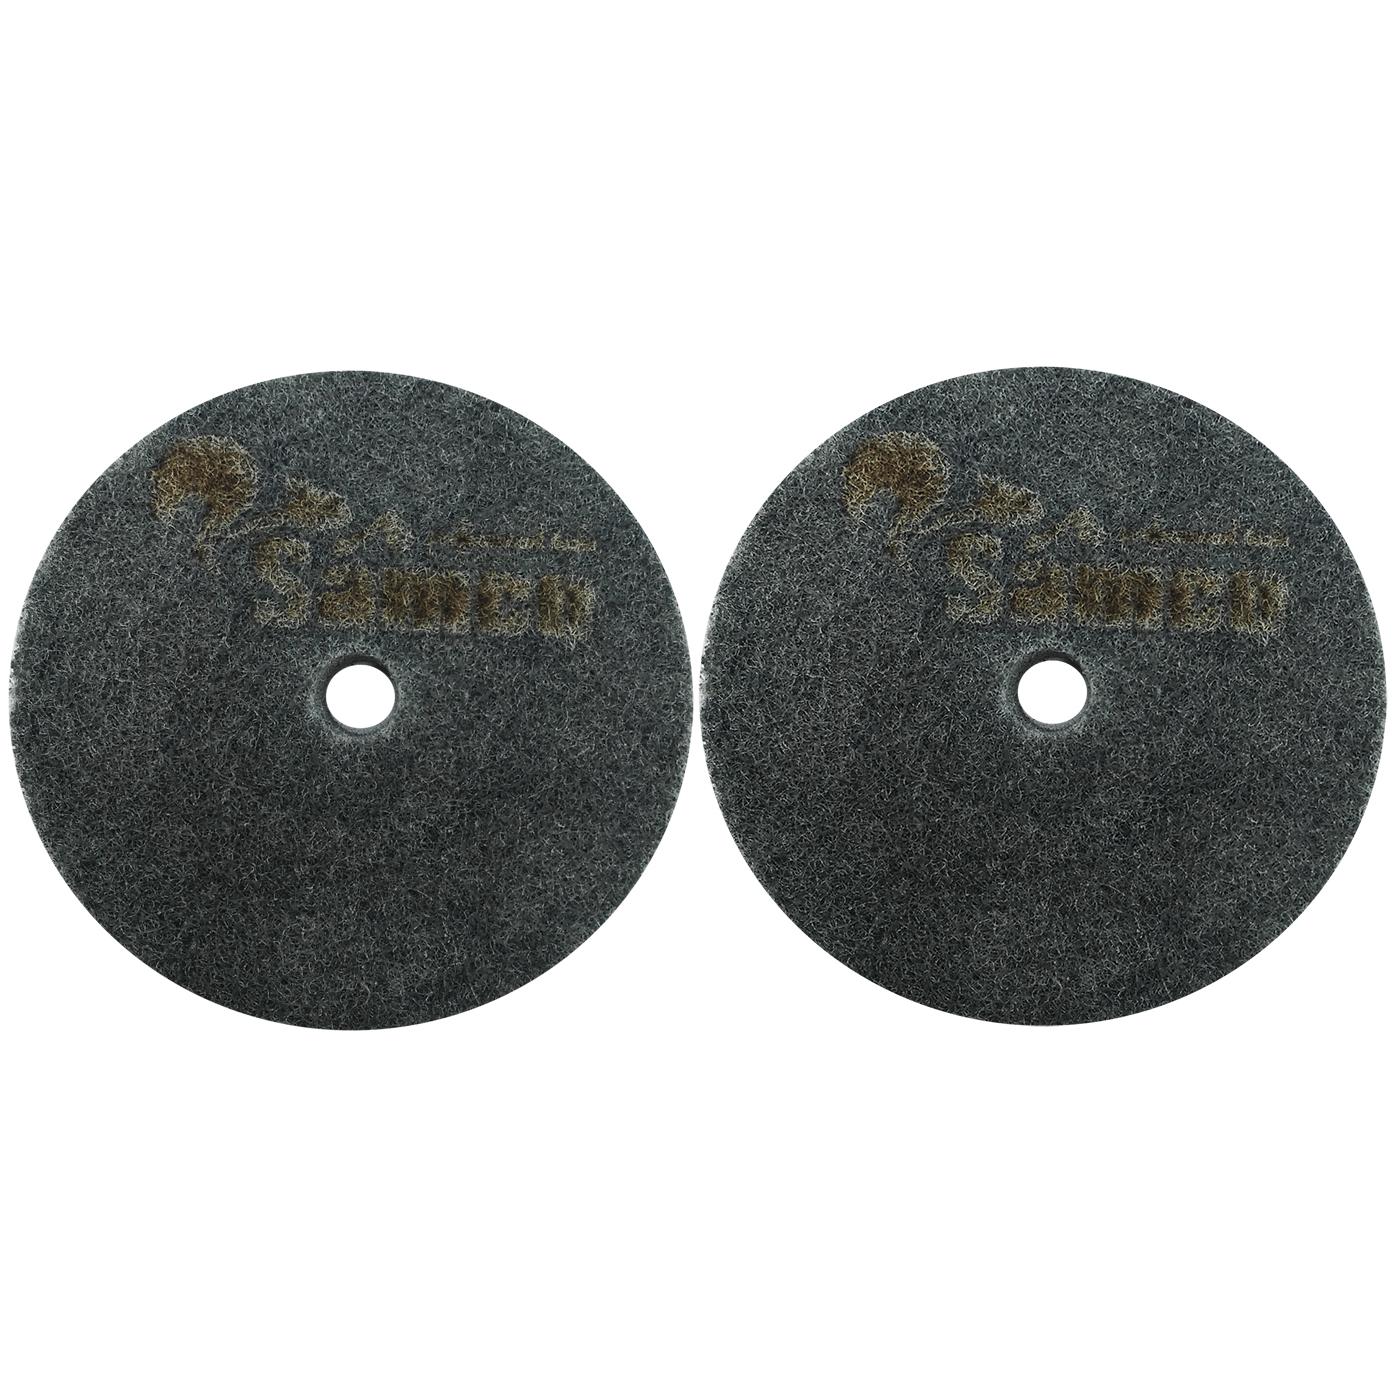 سنگ پولیش سامکو مدل YPS-75MMمجموعه 2 عددی